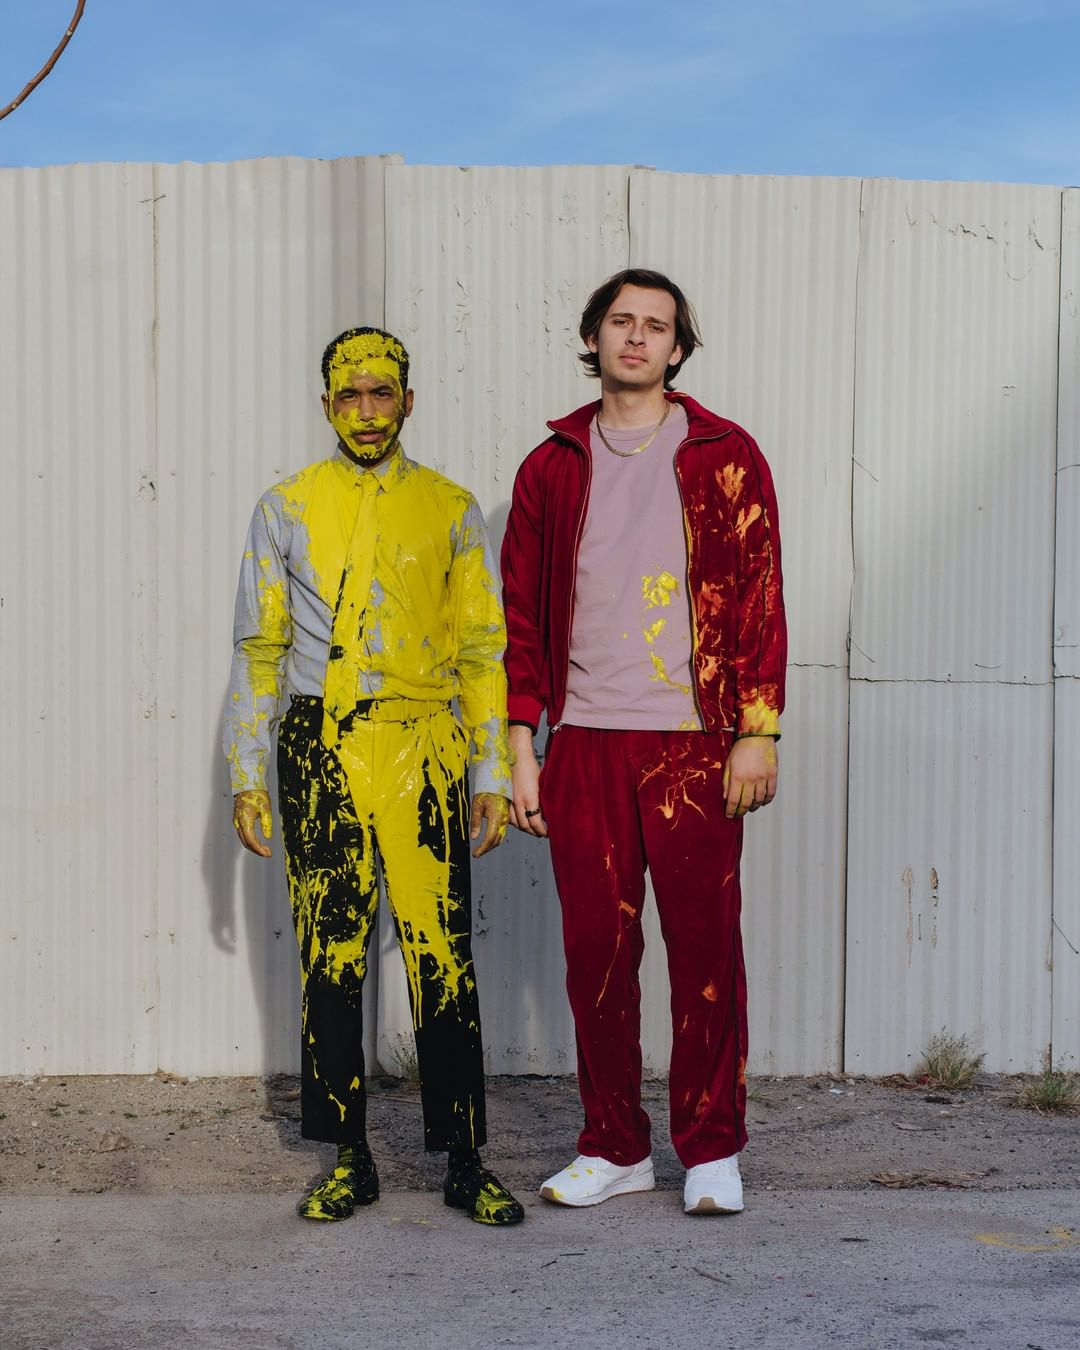 11 lanzamientos recientes que debes escuchar: Toro y Moi + The Killers + Cupido y más